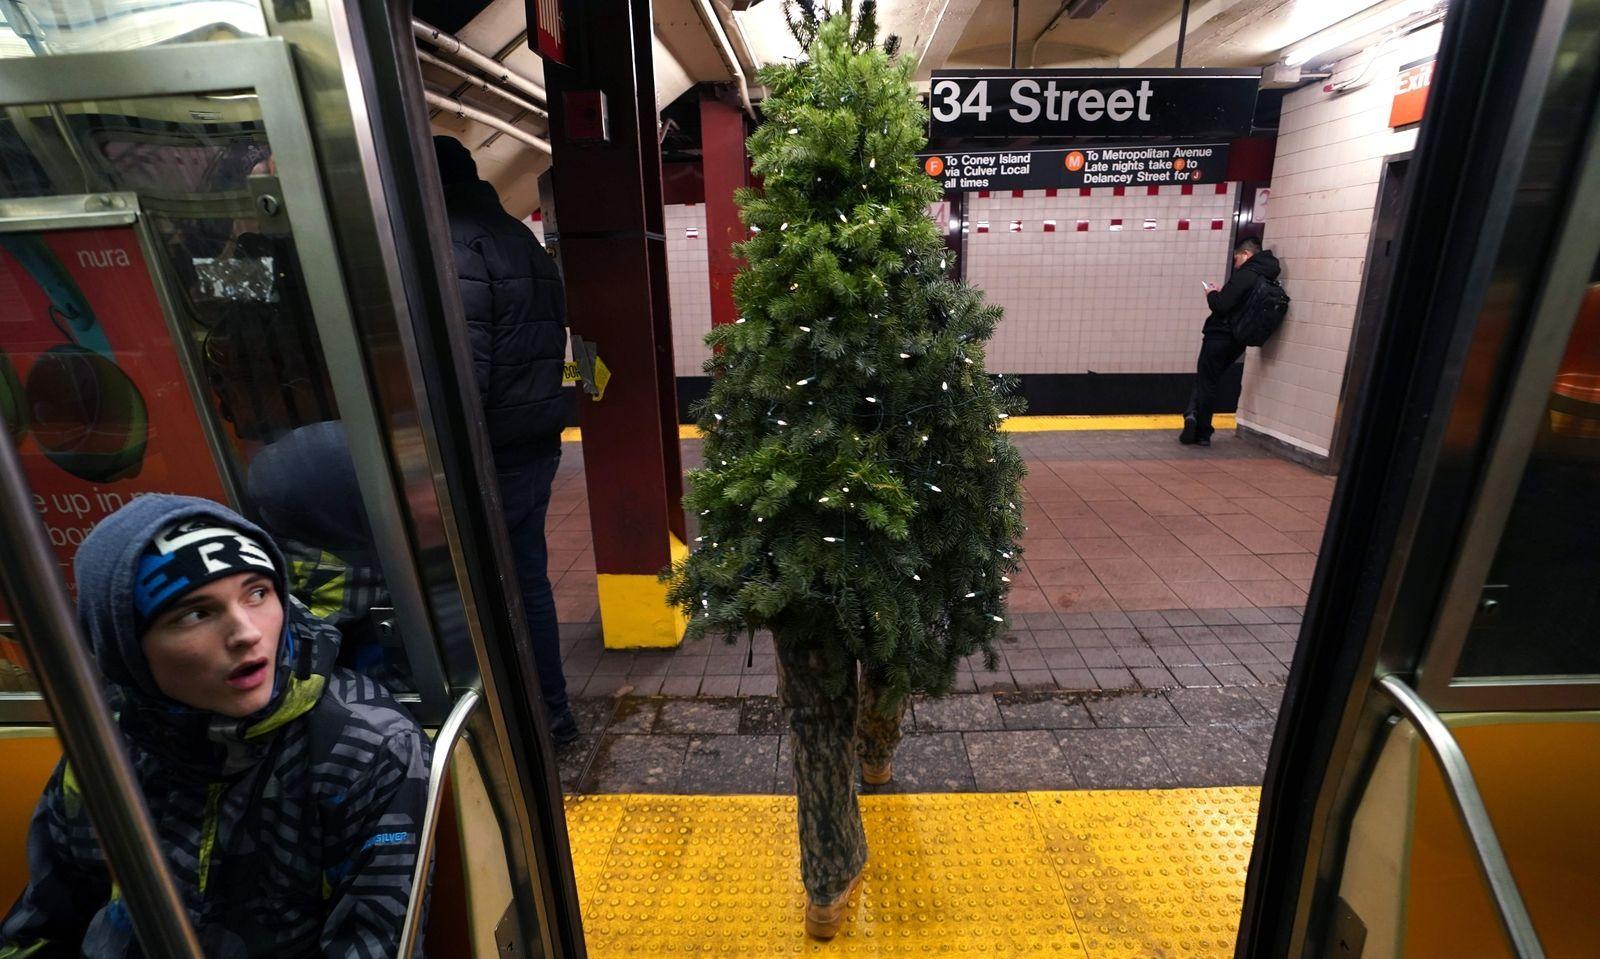 """""""Mr. Christmas Tree"""". So nennt sich Thomas Liberto aus Bel Air im US-Bundesstaat Maryland. Gekleidet in einen Christbaum zieht er durch die Straßen New Yorks. Ihm dürfte das Spaß machen: Schon fünf Jahre gibt er sich zu Weihnachten als Christbaum."""